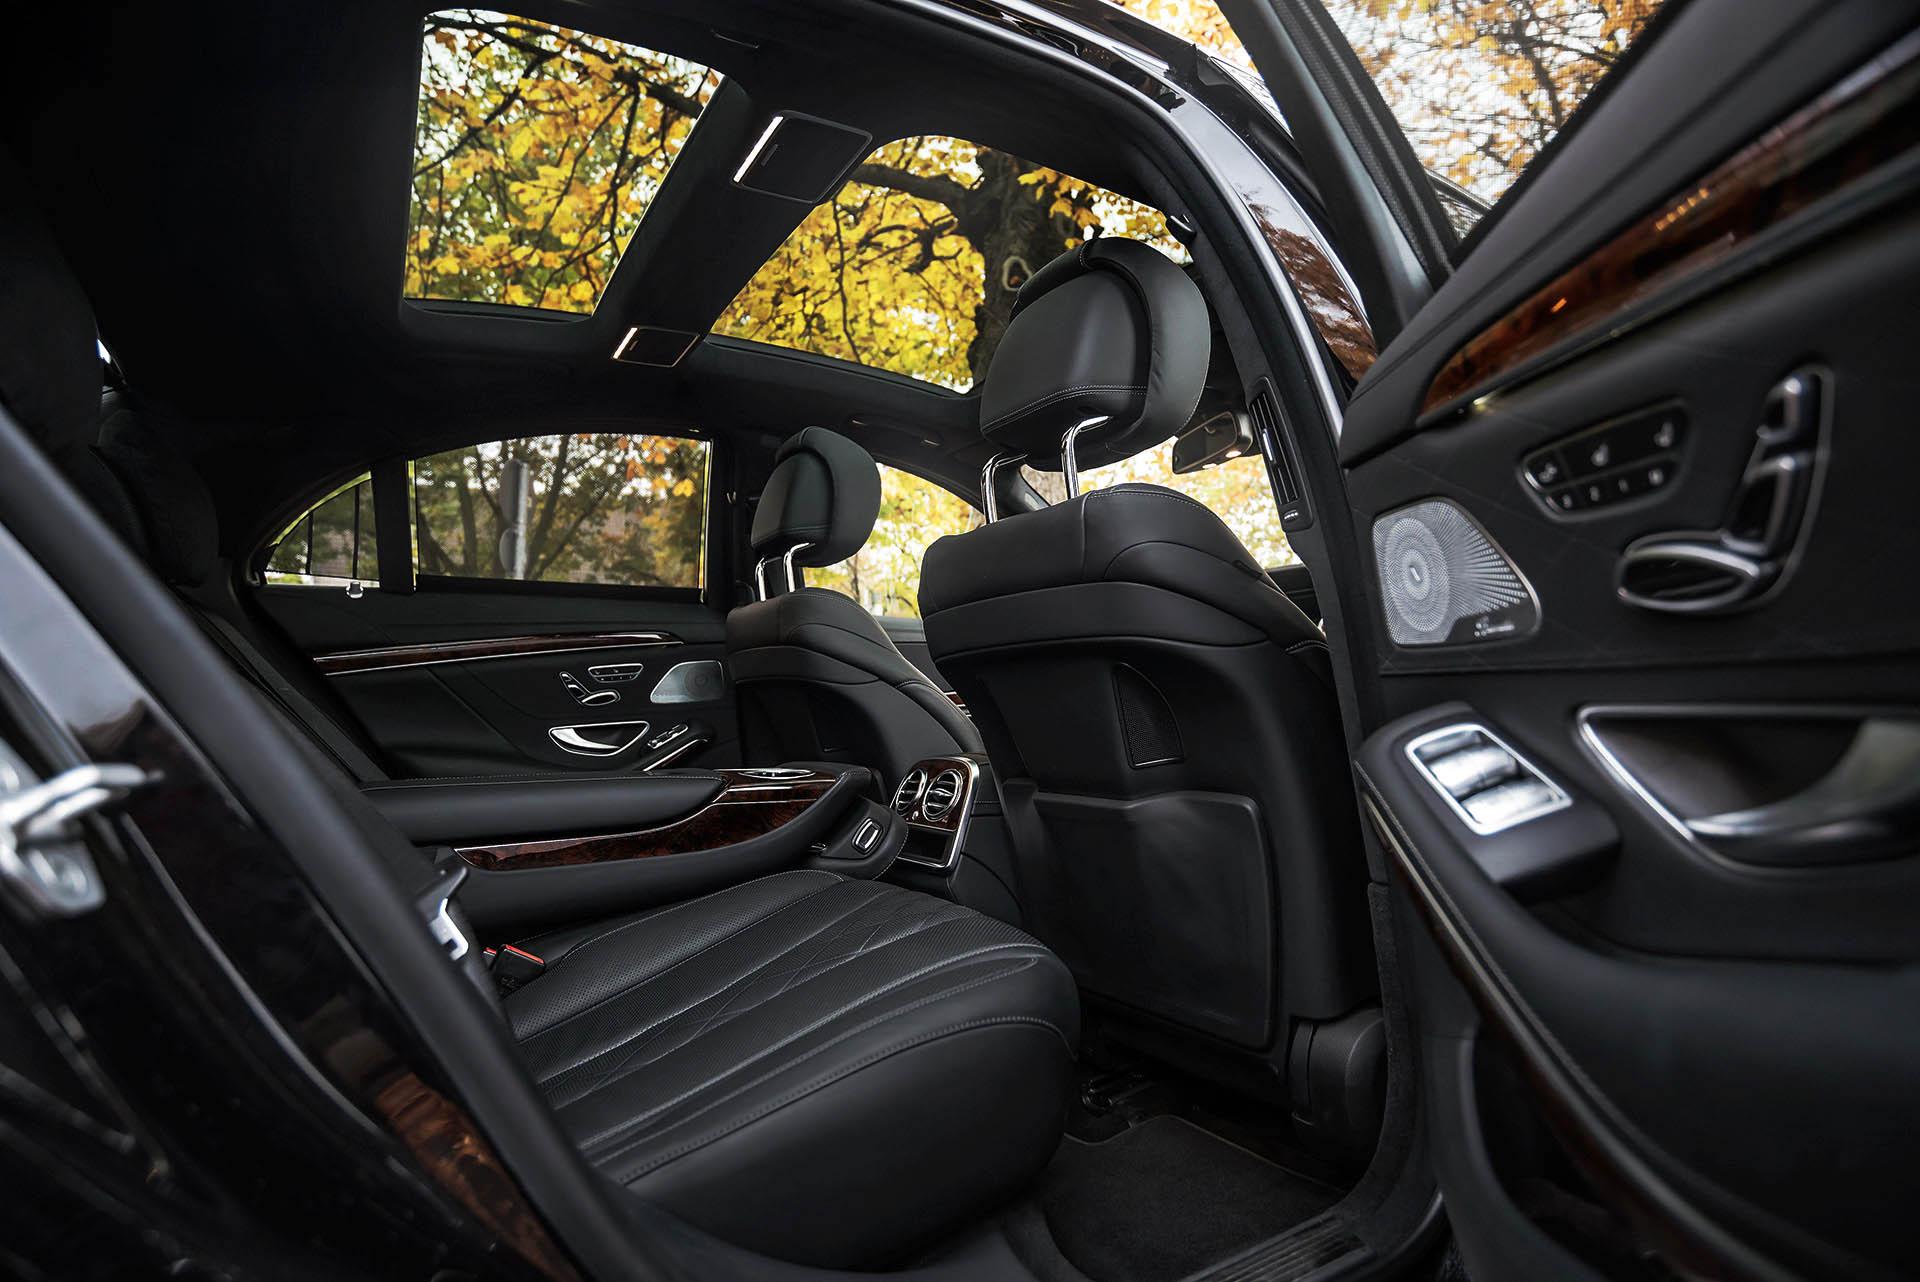 B+K_Sportwagen_Rheinland_GmbH_Mercedes_Benz_Sklasse_500_schwarz_12